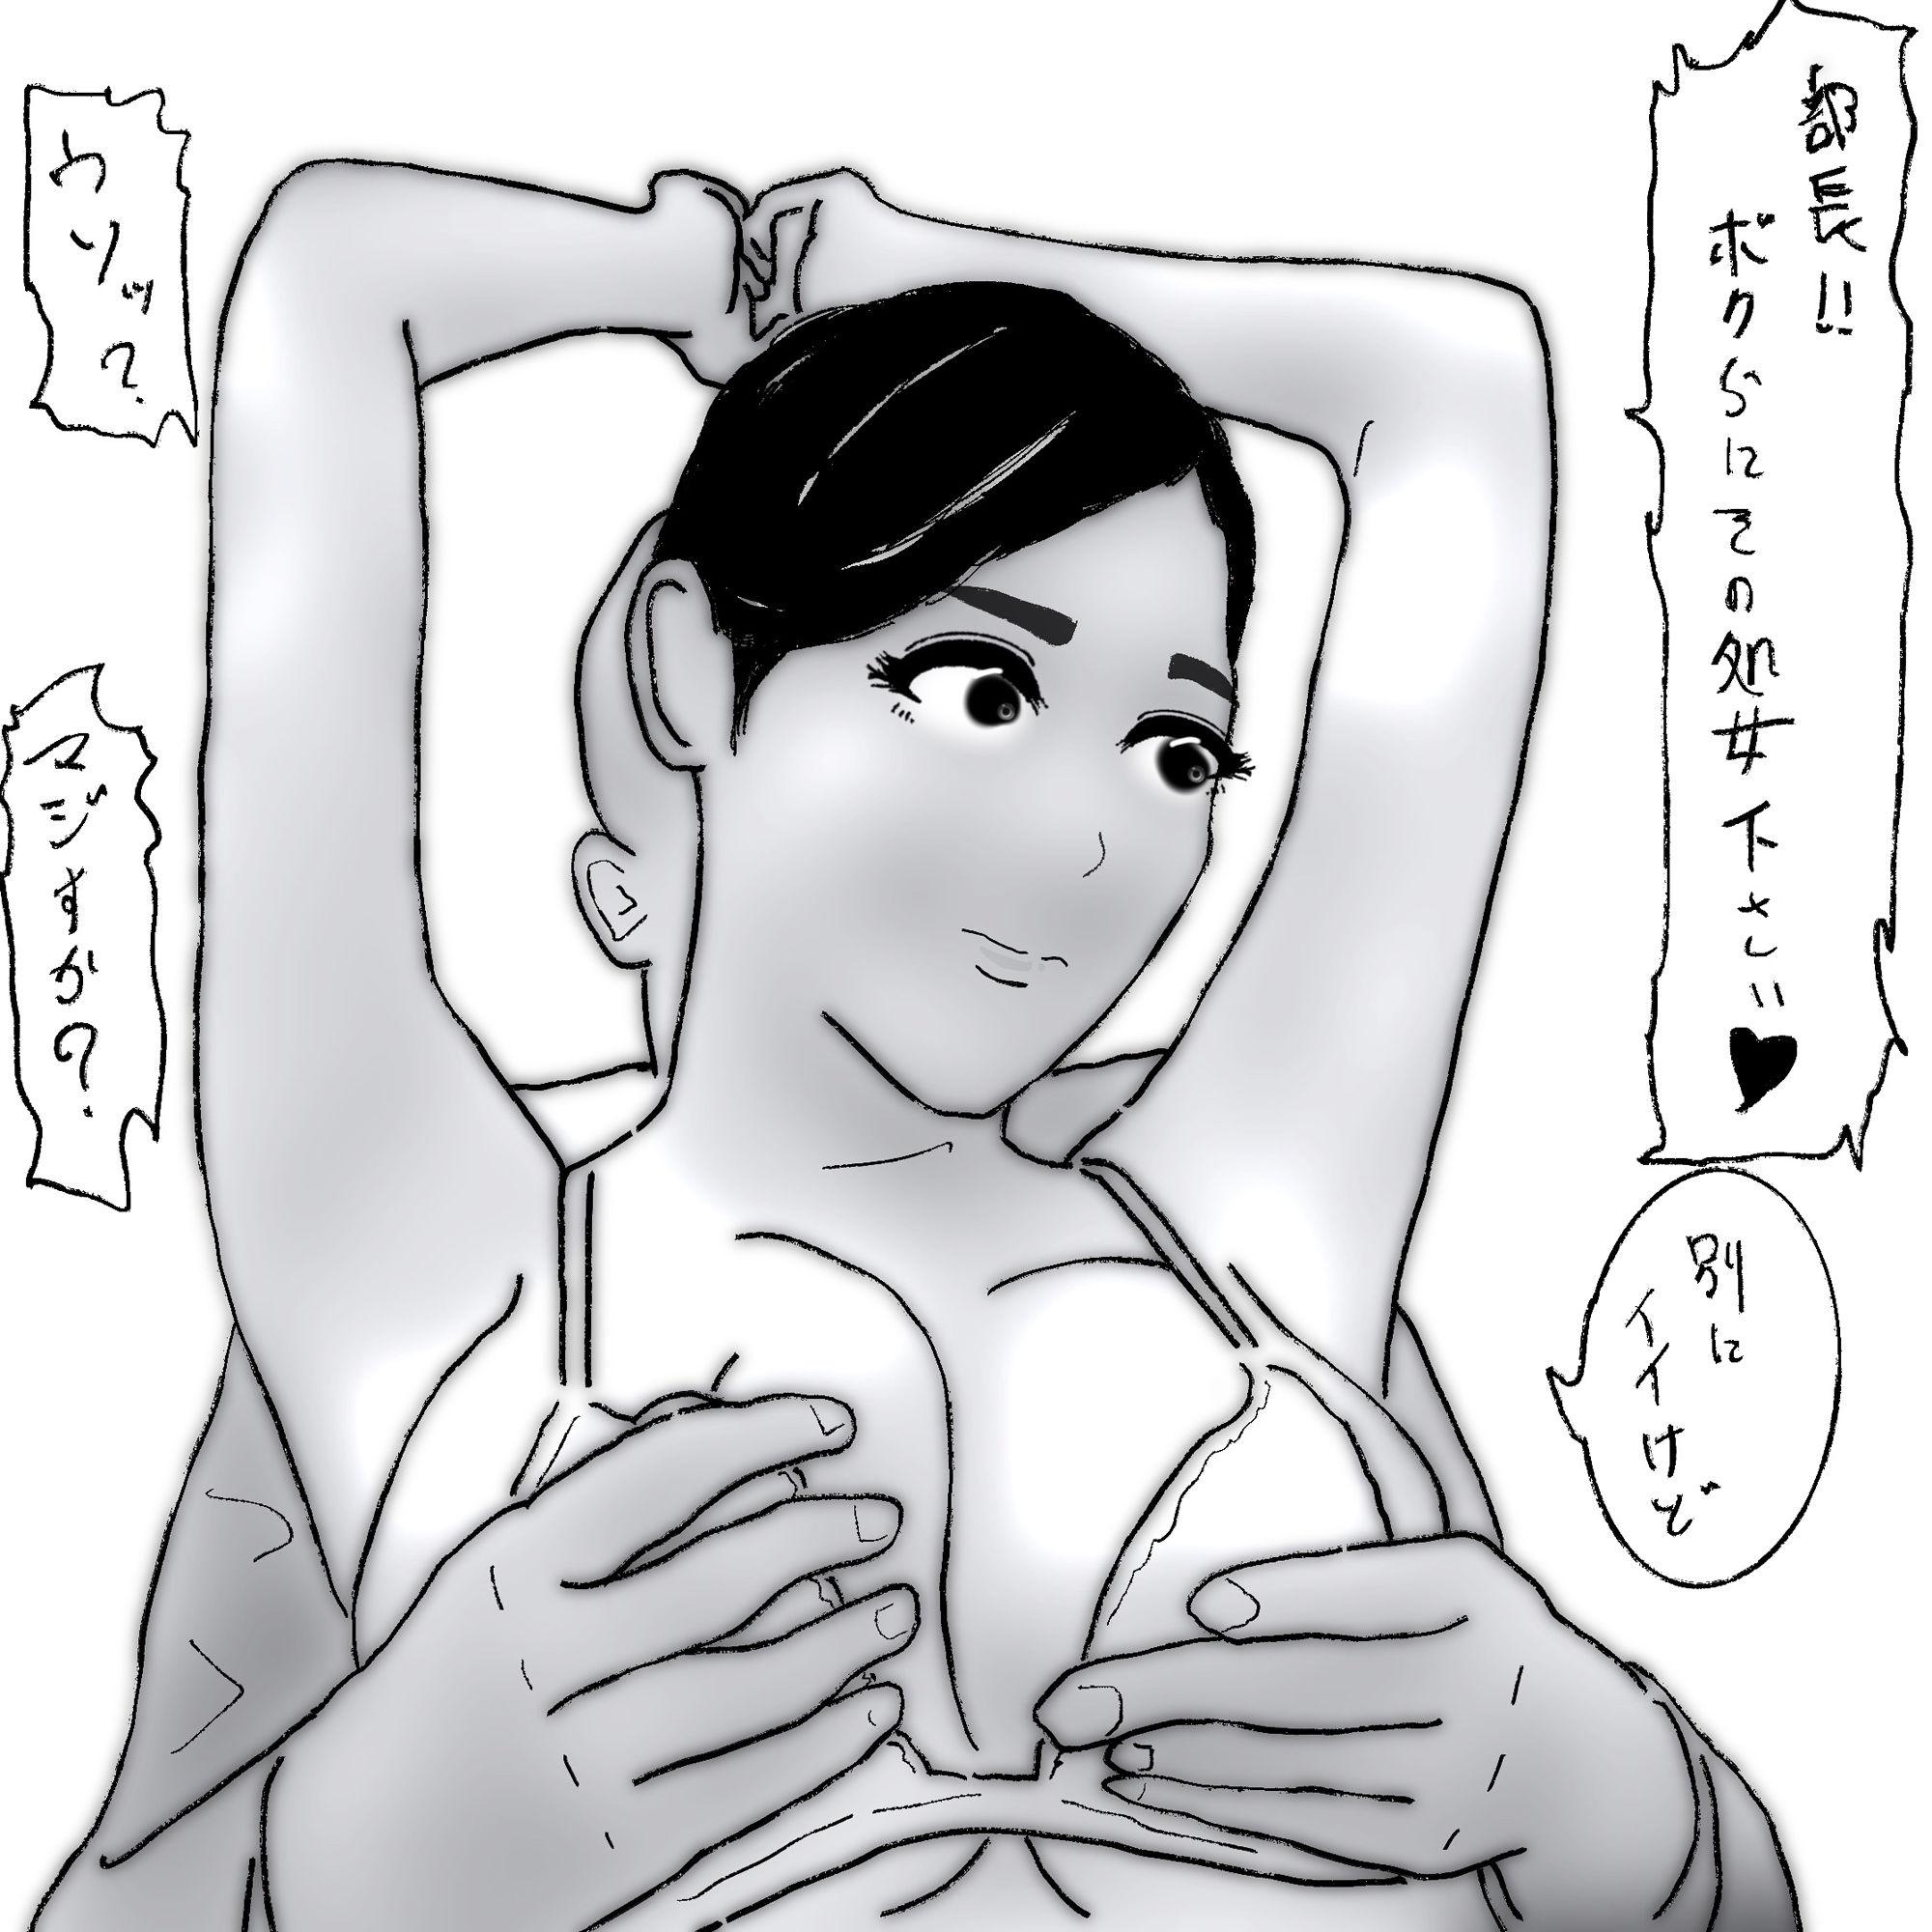 サンプル画像5:40pエロい身体なのに性に疎い女上司(48手越) [d_190378]